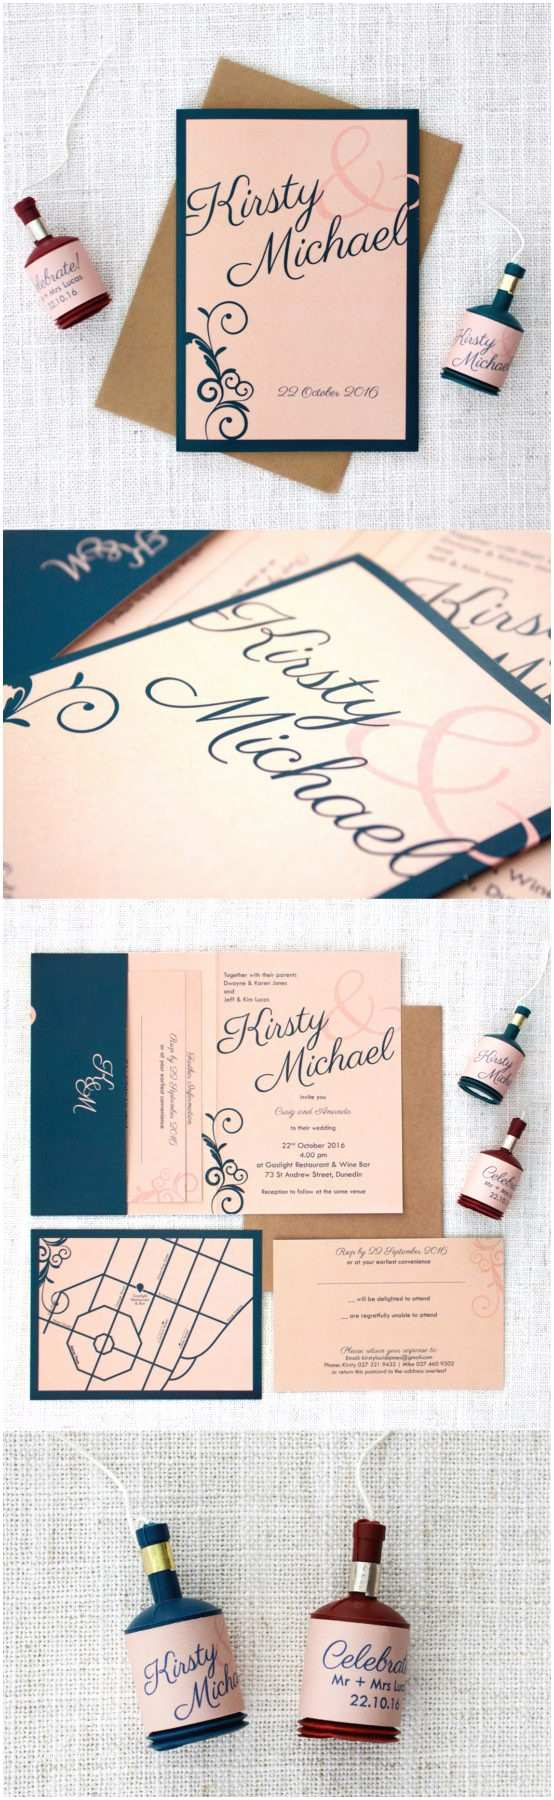 Navy Blue and Blush Wedding Invitations Navy Blue and Blush Pink Wedding Invitations Be My Guest